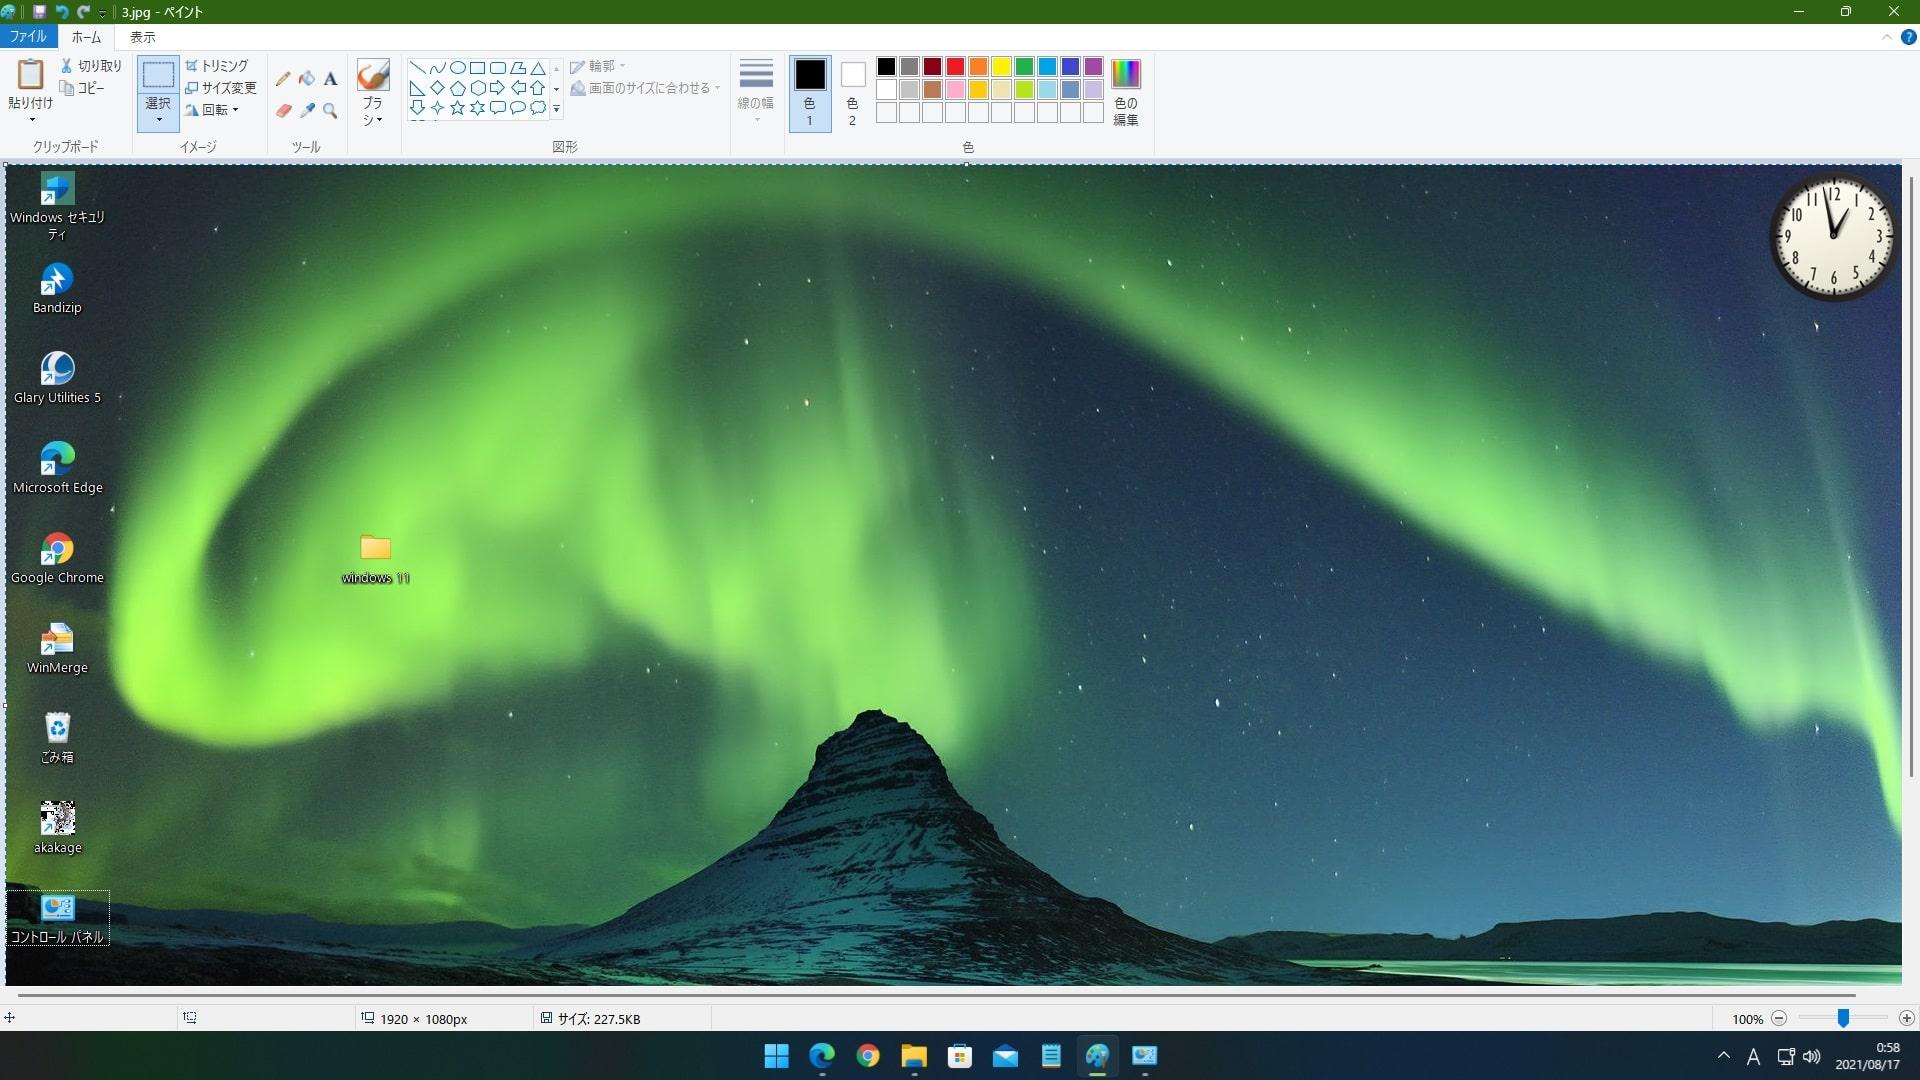 デスクトップ画面全体をスクリーンショットとしてクリップボードに保存した画像